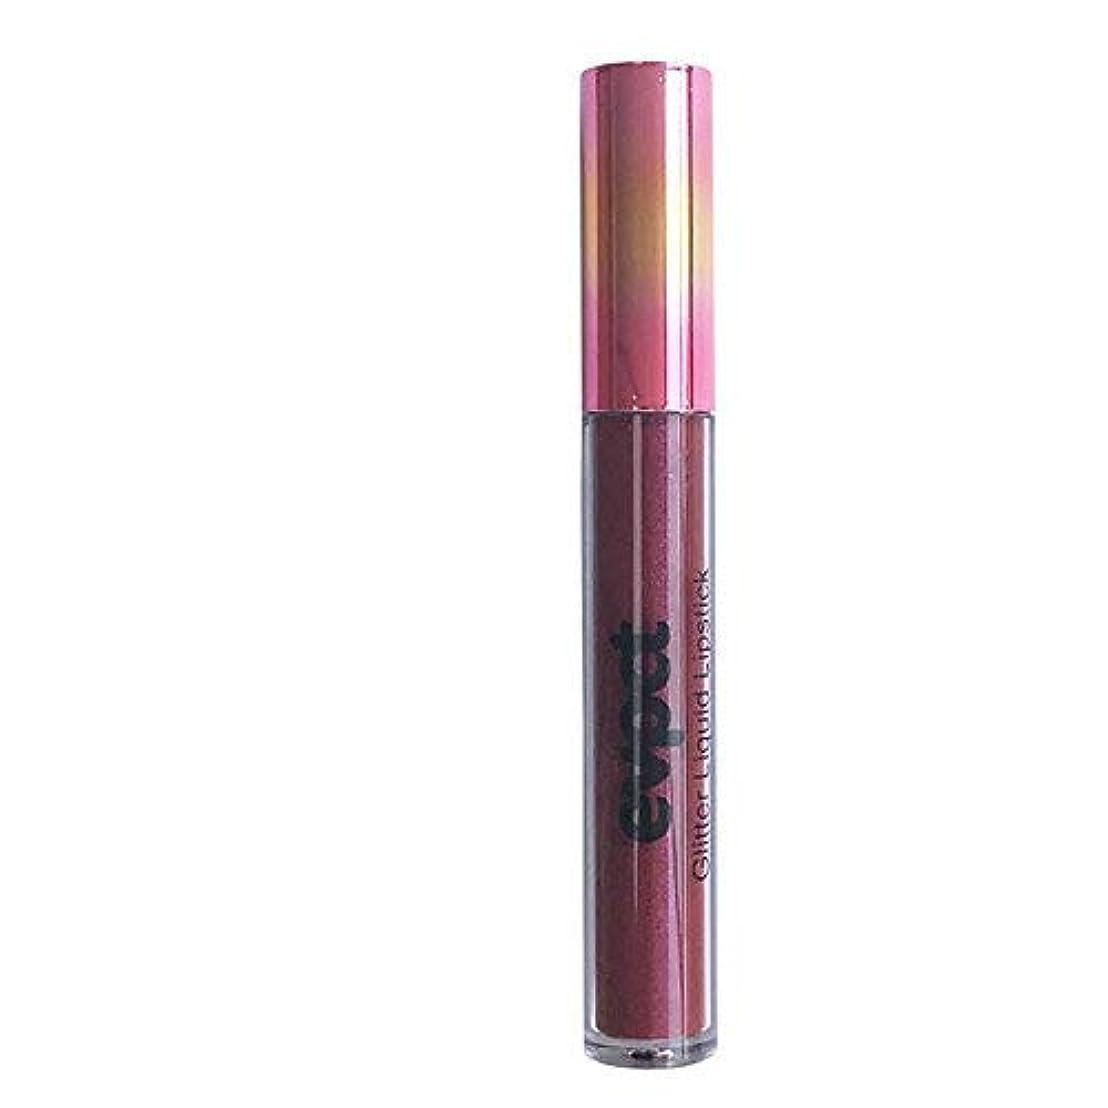 サスティーンテセウスブラインド口紅 リキッド リップリップ スティック 液体 リップクリーム 化粧品 女性 セクシー リップバーム 唇メタリック リップグロス 保湿 ファッション リップラインの色を鮮やかに描くルージュhuajuan (D)